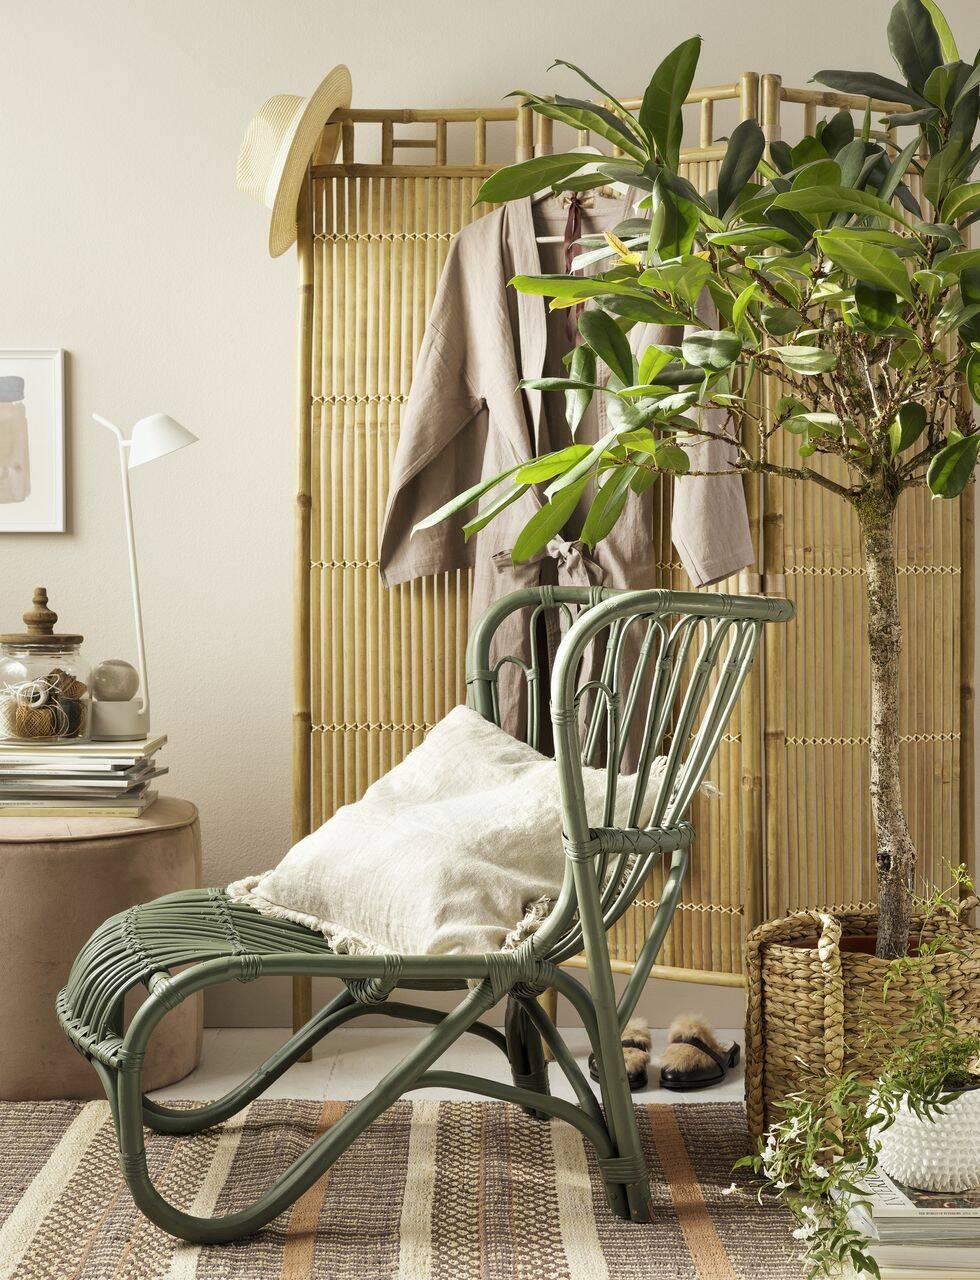 Så här ger du ditt uterum en bohemisk och rustik stil inför sommaren